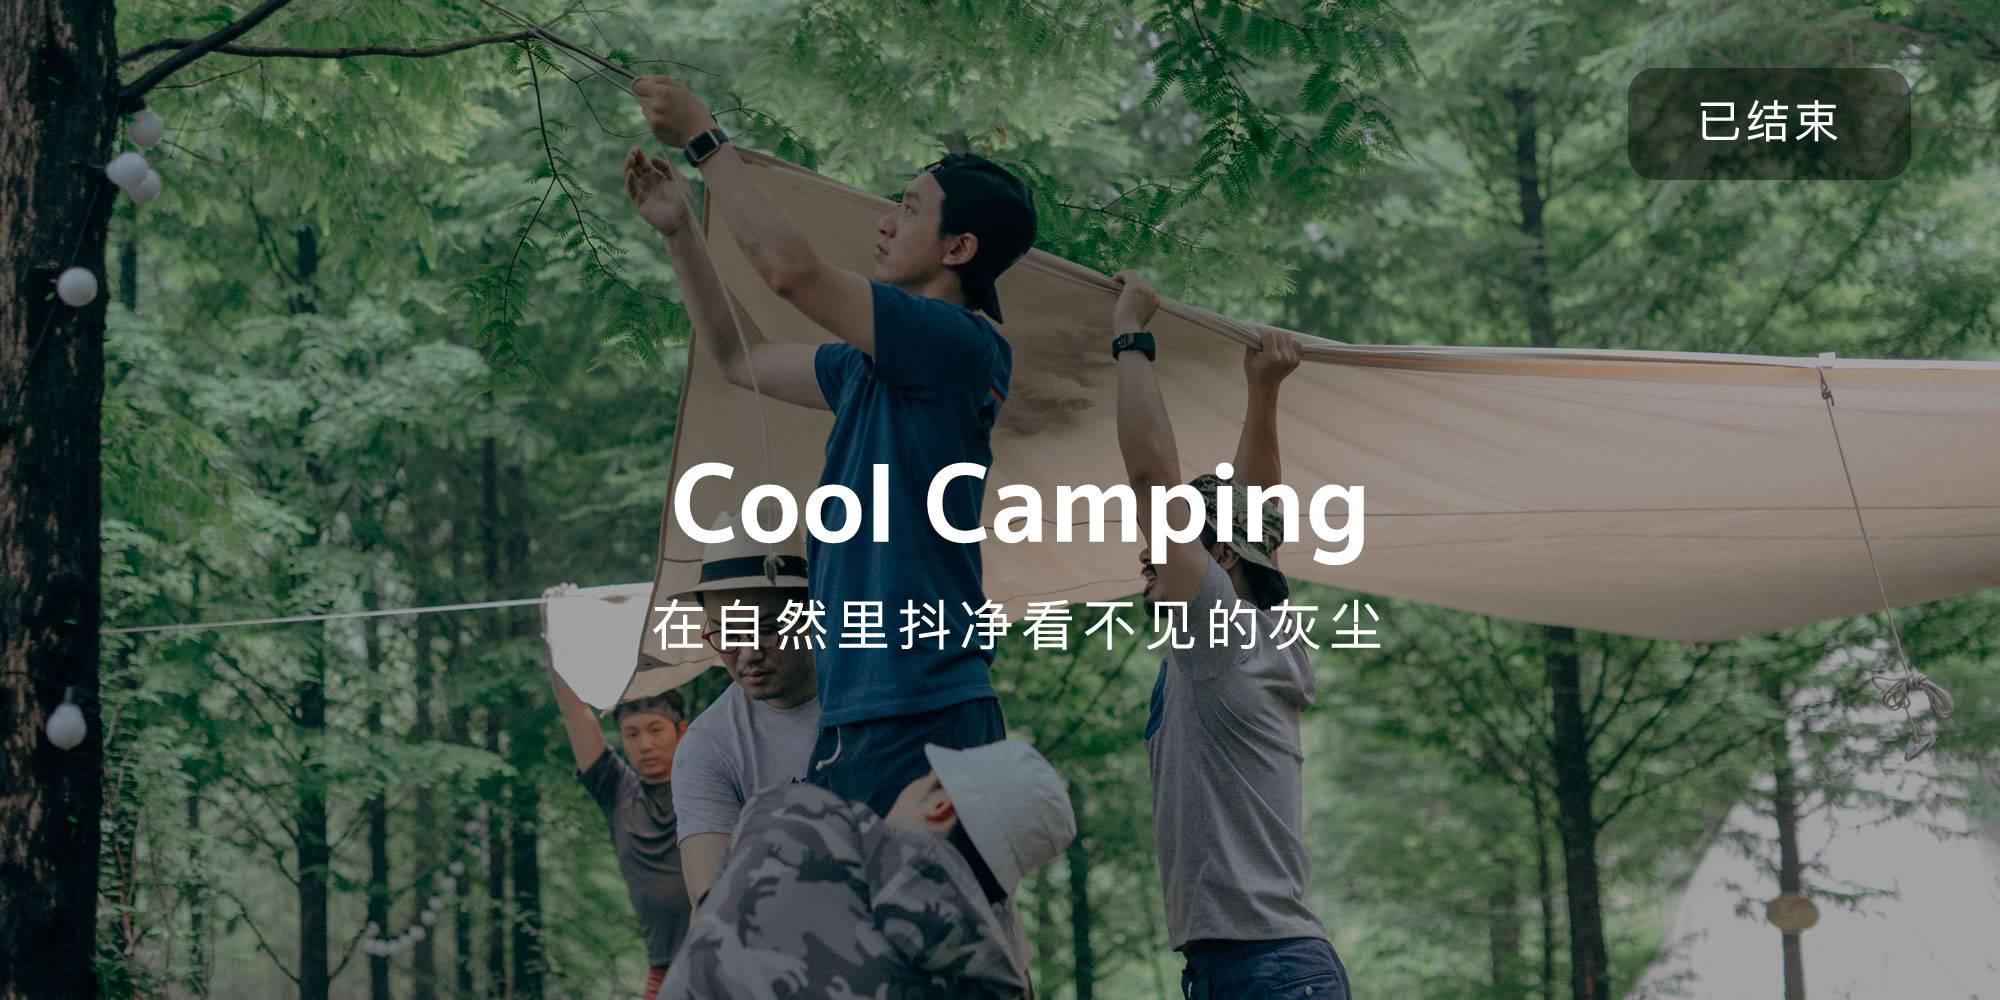 Cool Camping:在自然里抖净生活里积蓄着的那些看不见的灰